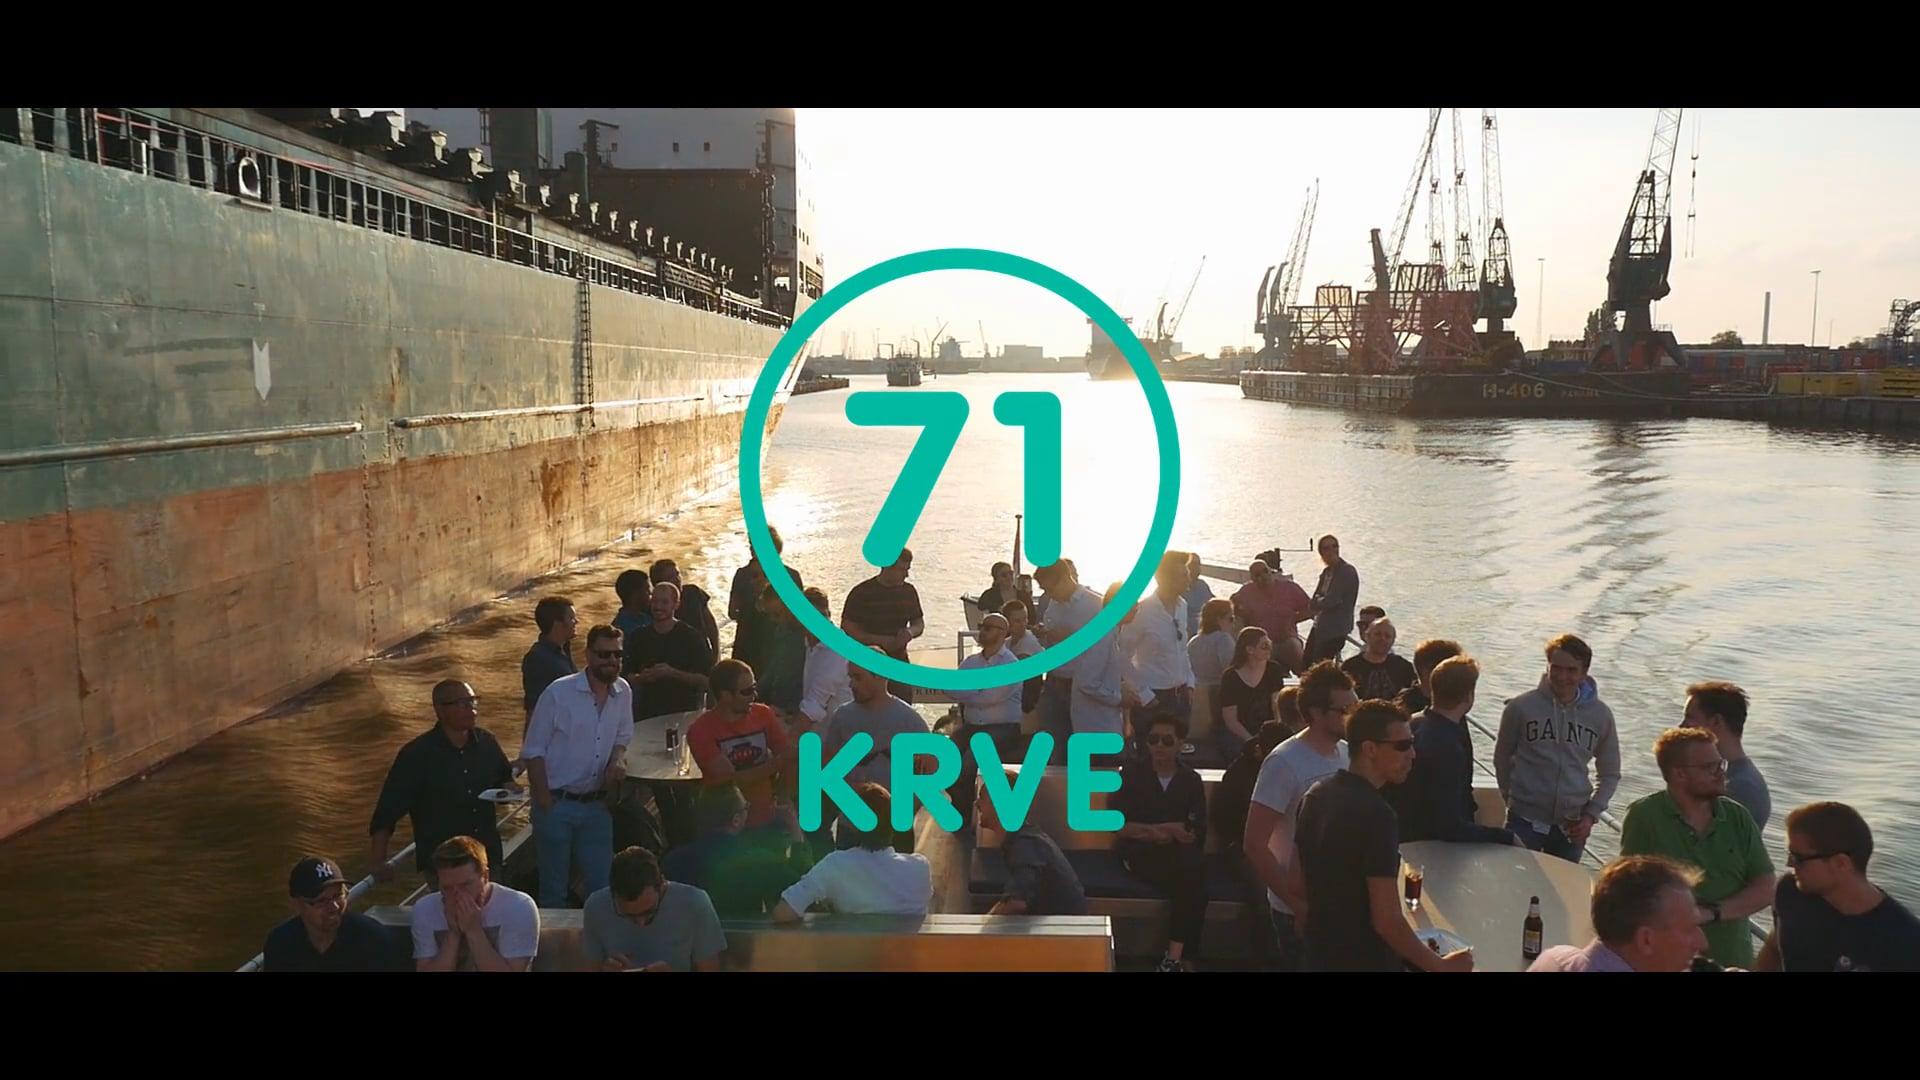 Promotiefilm KRVE 71 - evenementenboot